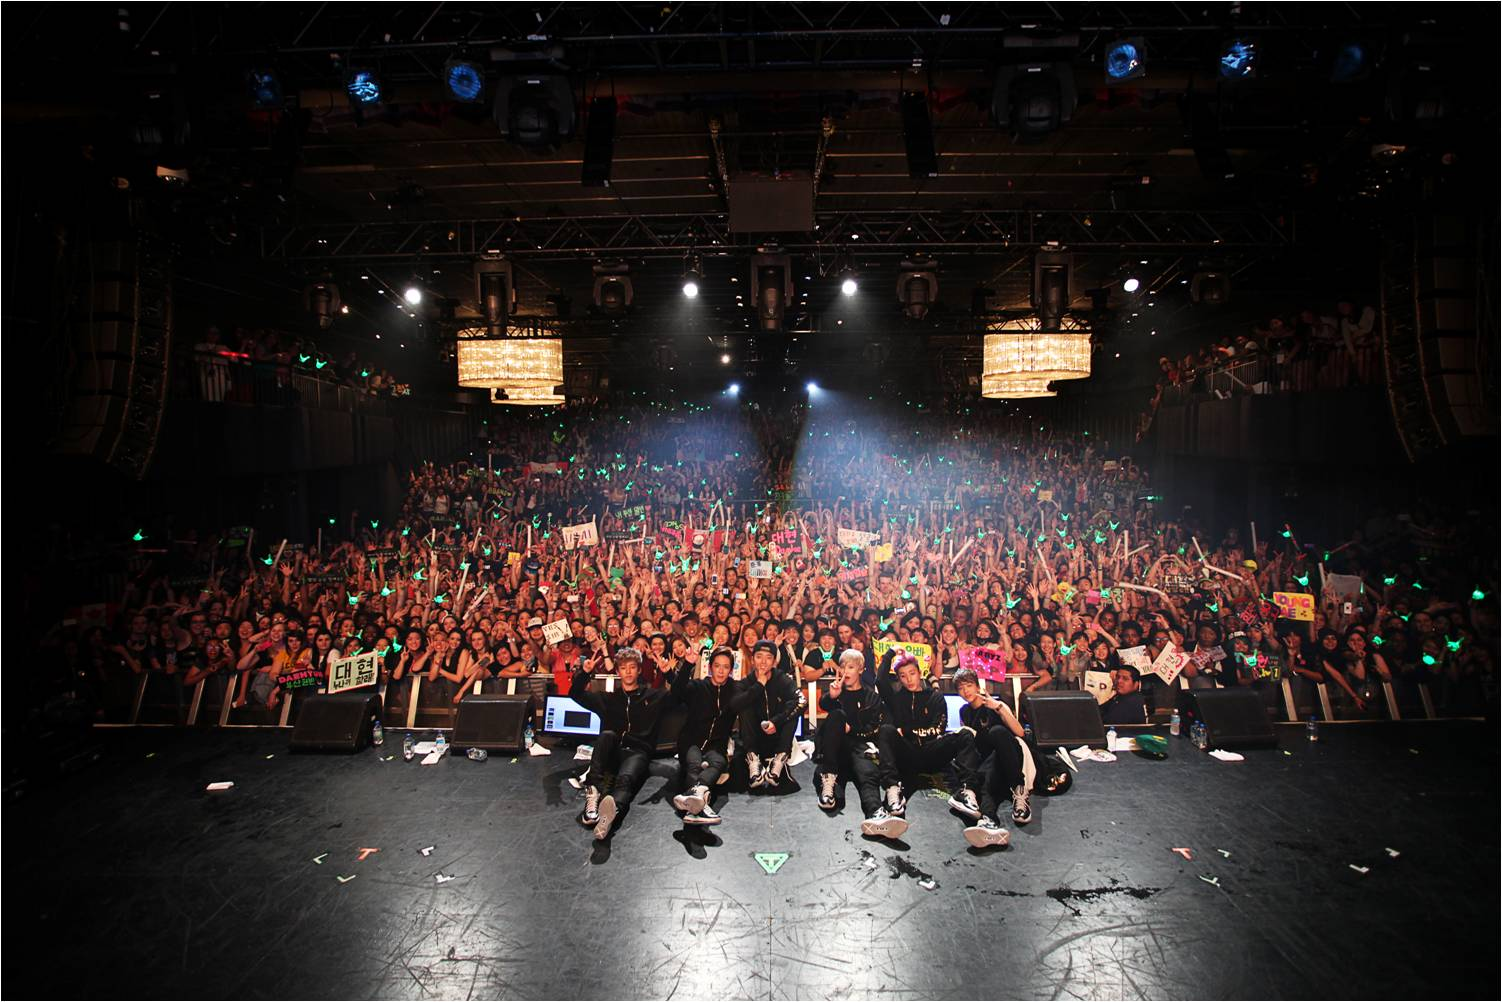 Verizon Apahm Concert Tour 2013 Presents Bap Blogianinny